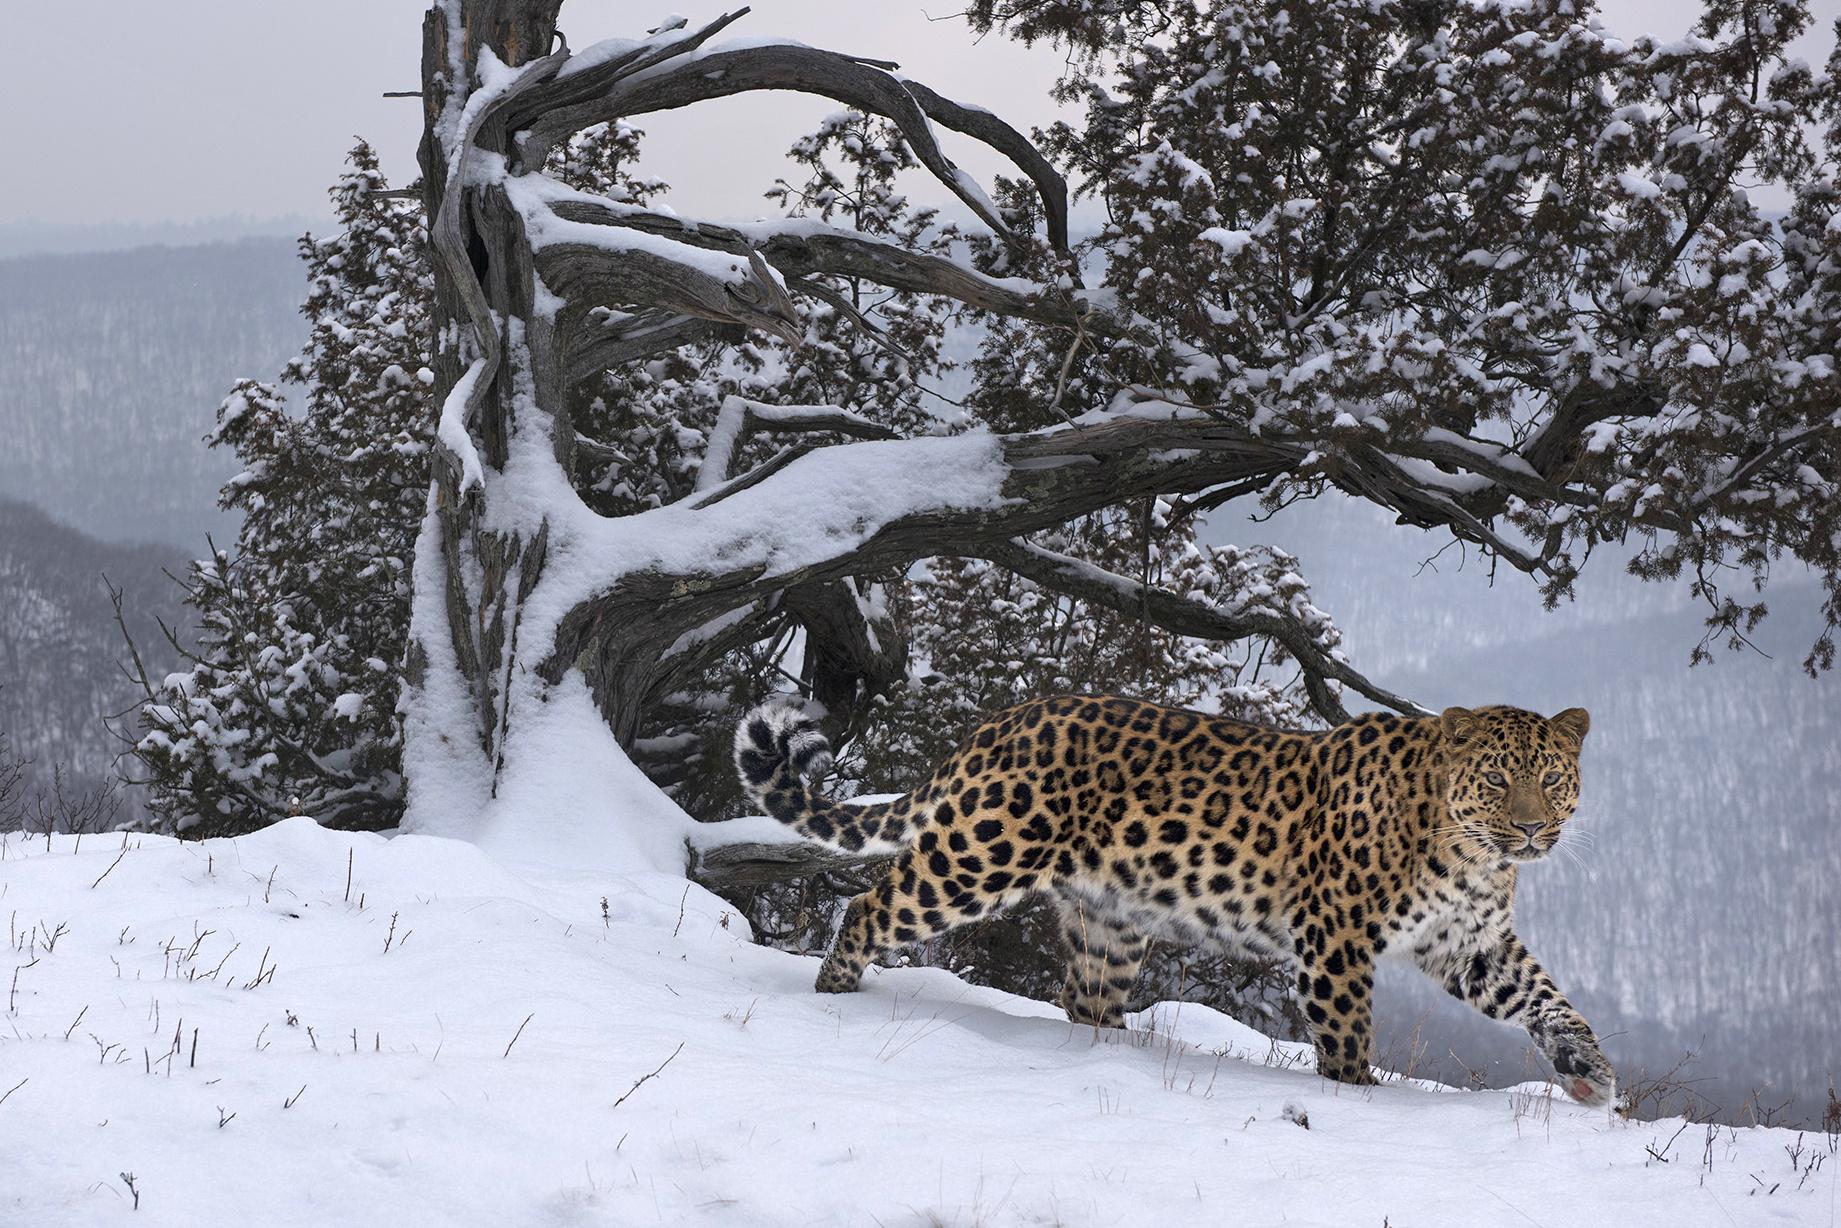 Любовное письмо в свежем снегу: в объективе дальневосточный леопард